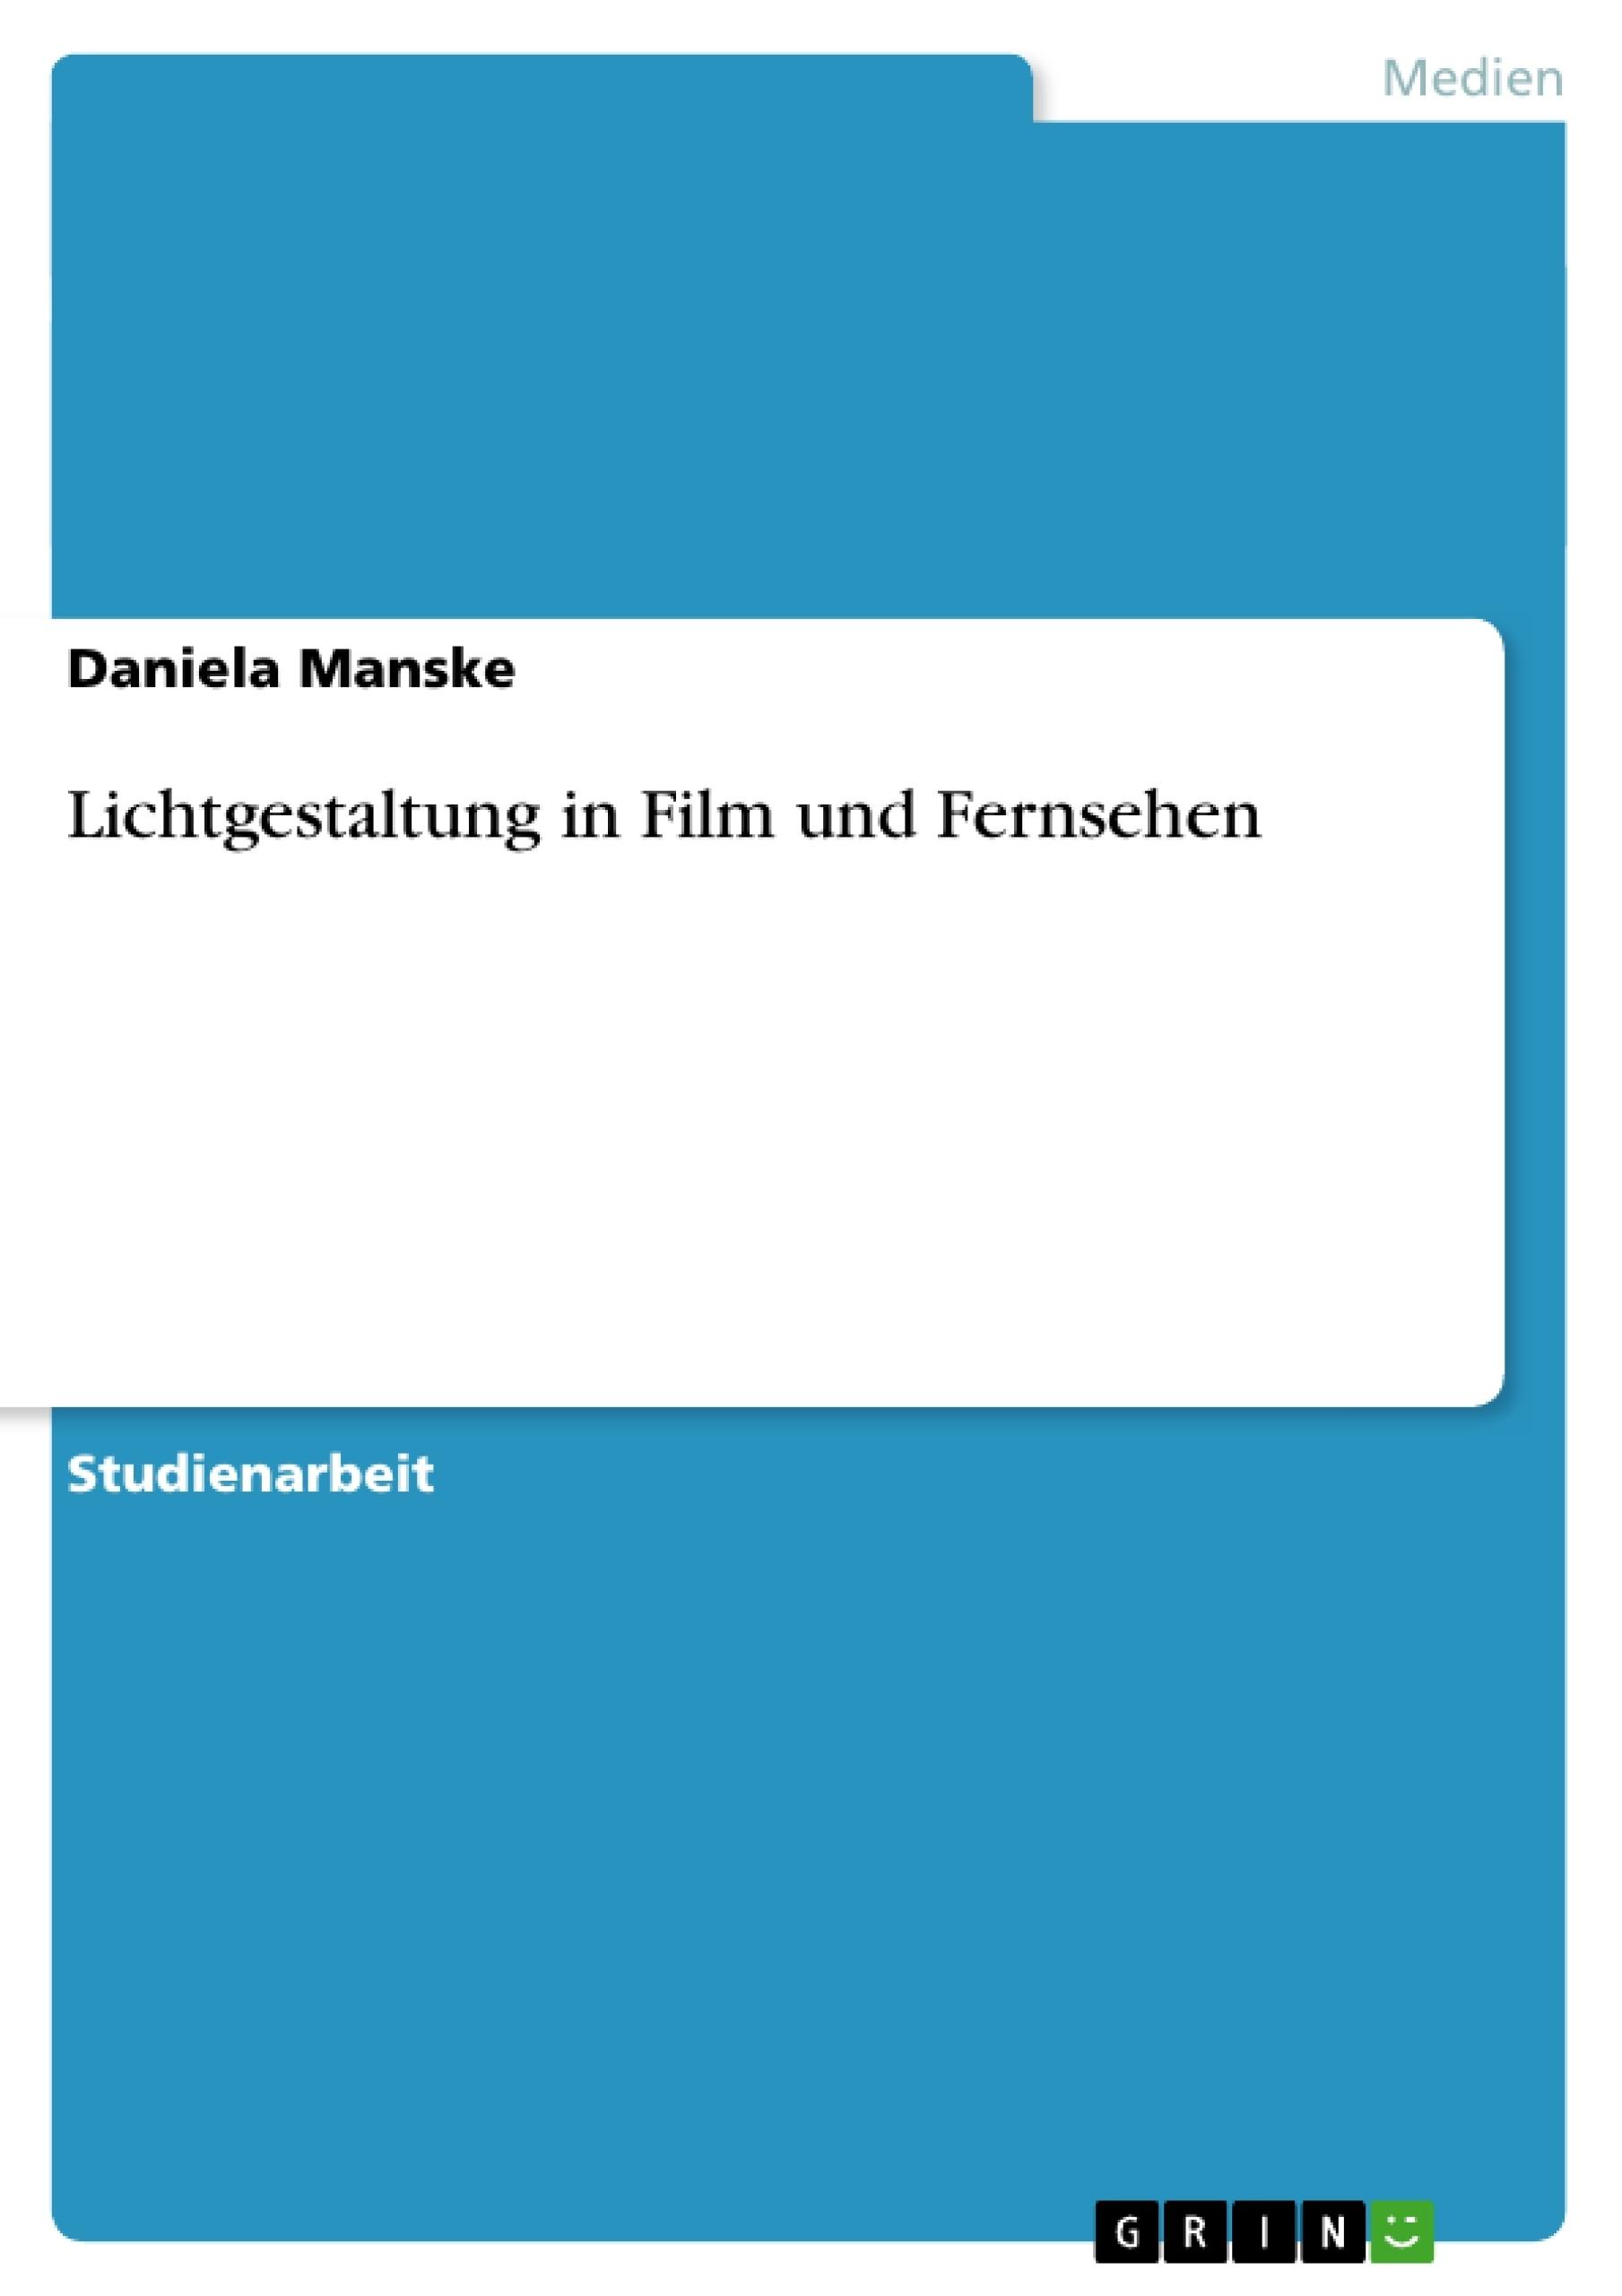 Titel: Lichtgestaltung in Film und Fernsehen